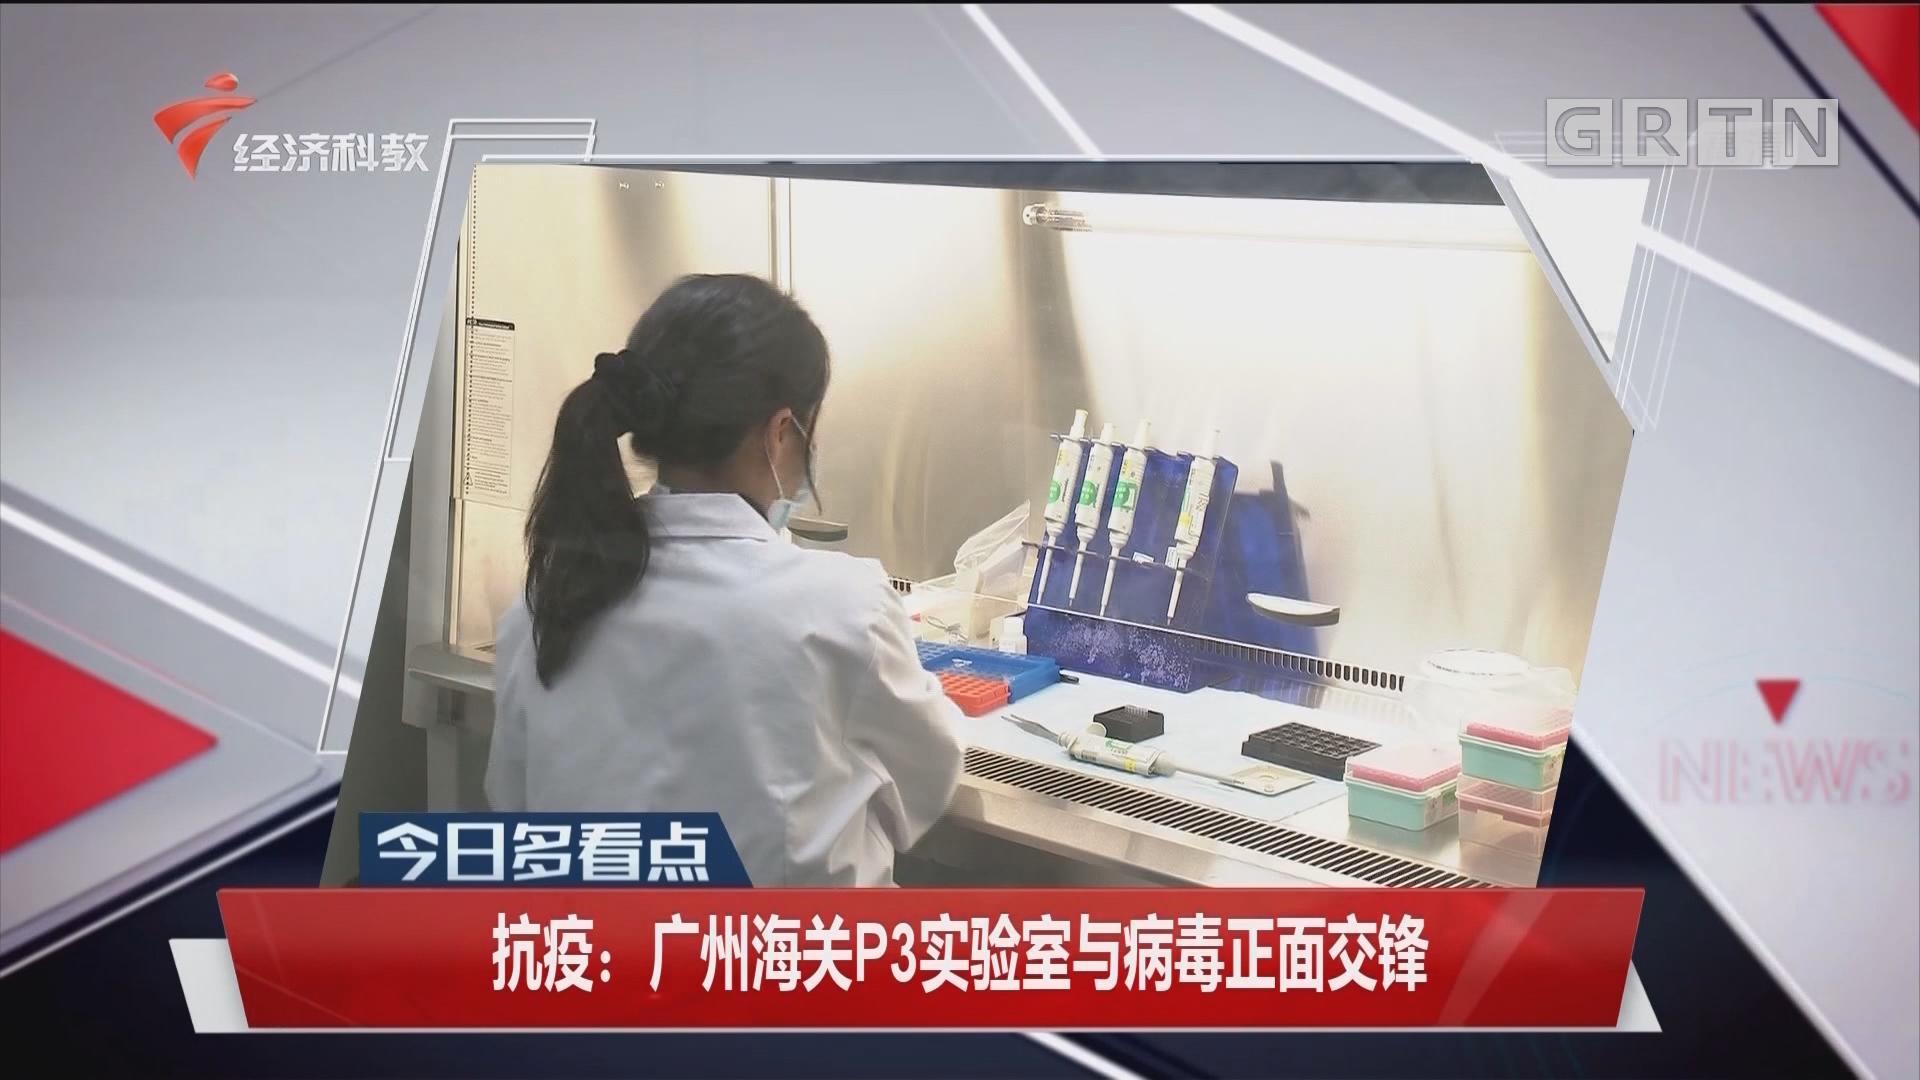 抗疫:广州海关P3实验室与病毒正面交锋